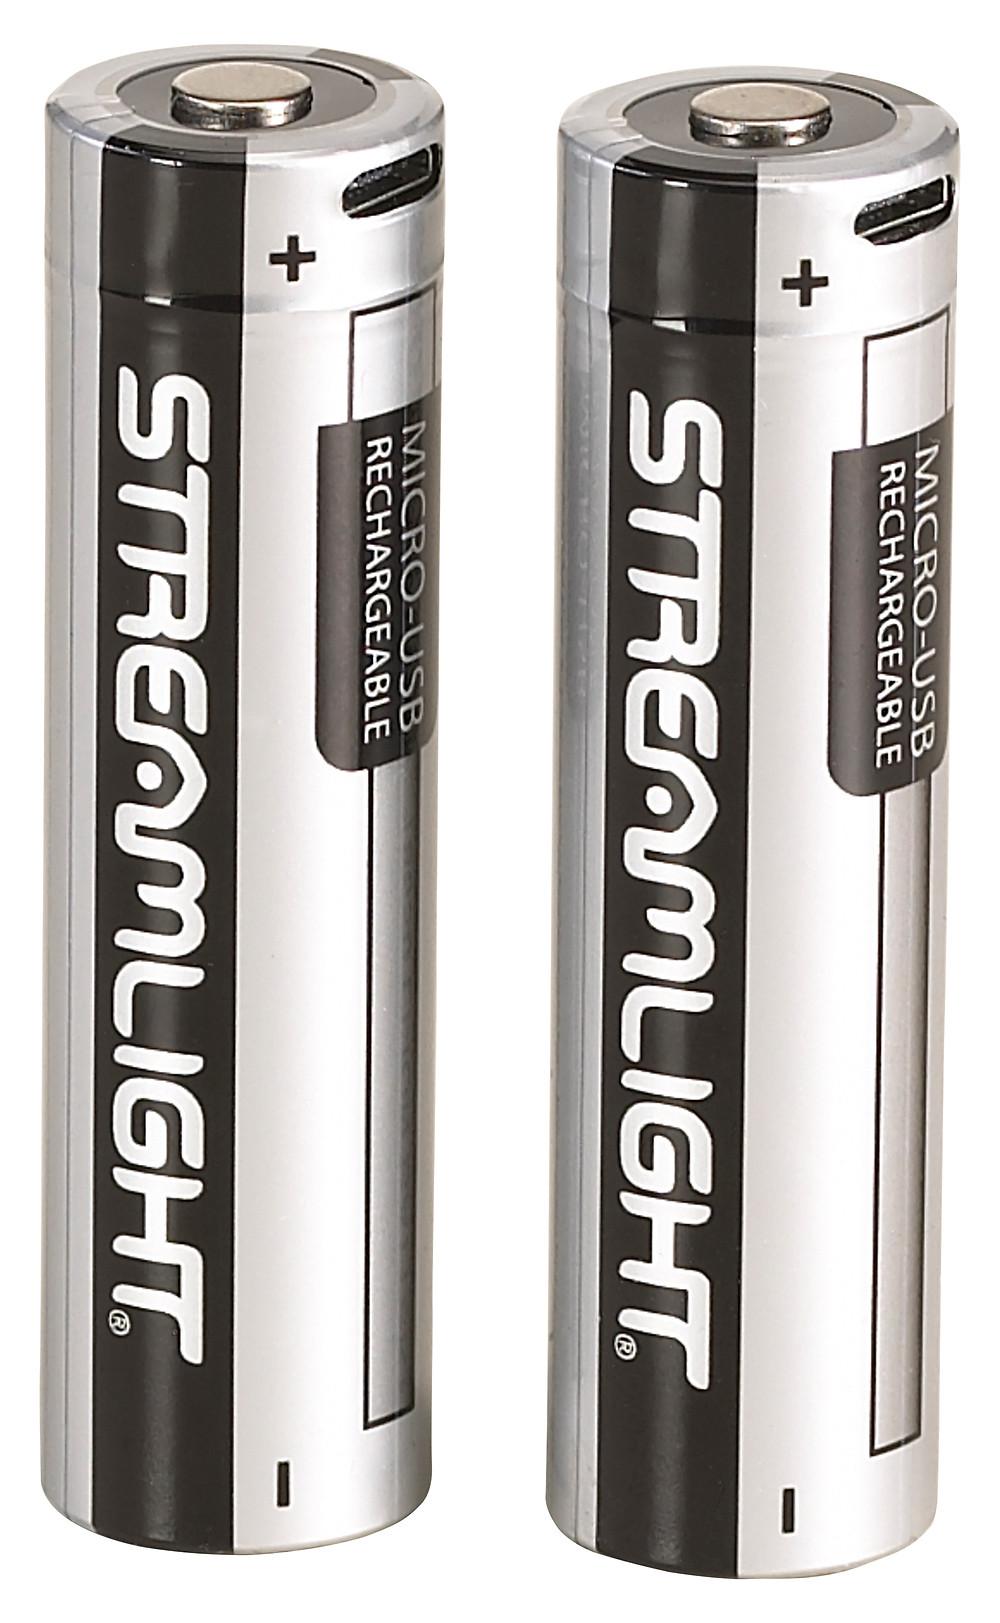 Streamlight USB-Rechargable 18650 Batteries